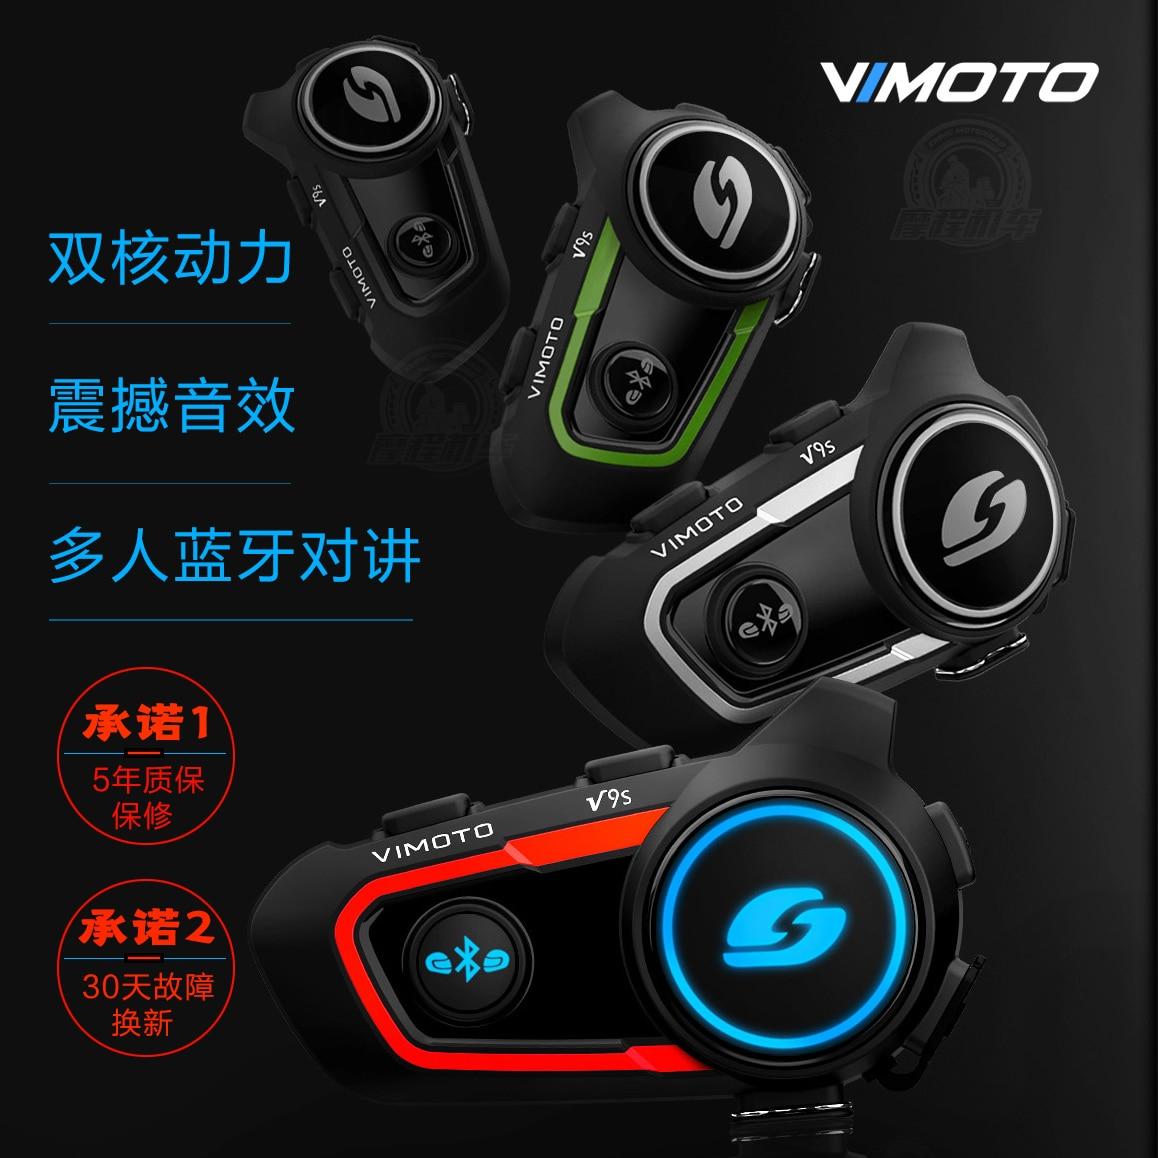 Version anglaise Easy Rider Vimoto casque moto Bluetooth casque stéréo casque téléphone portable GPS 2 Radio V9S